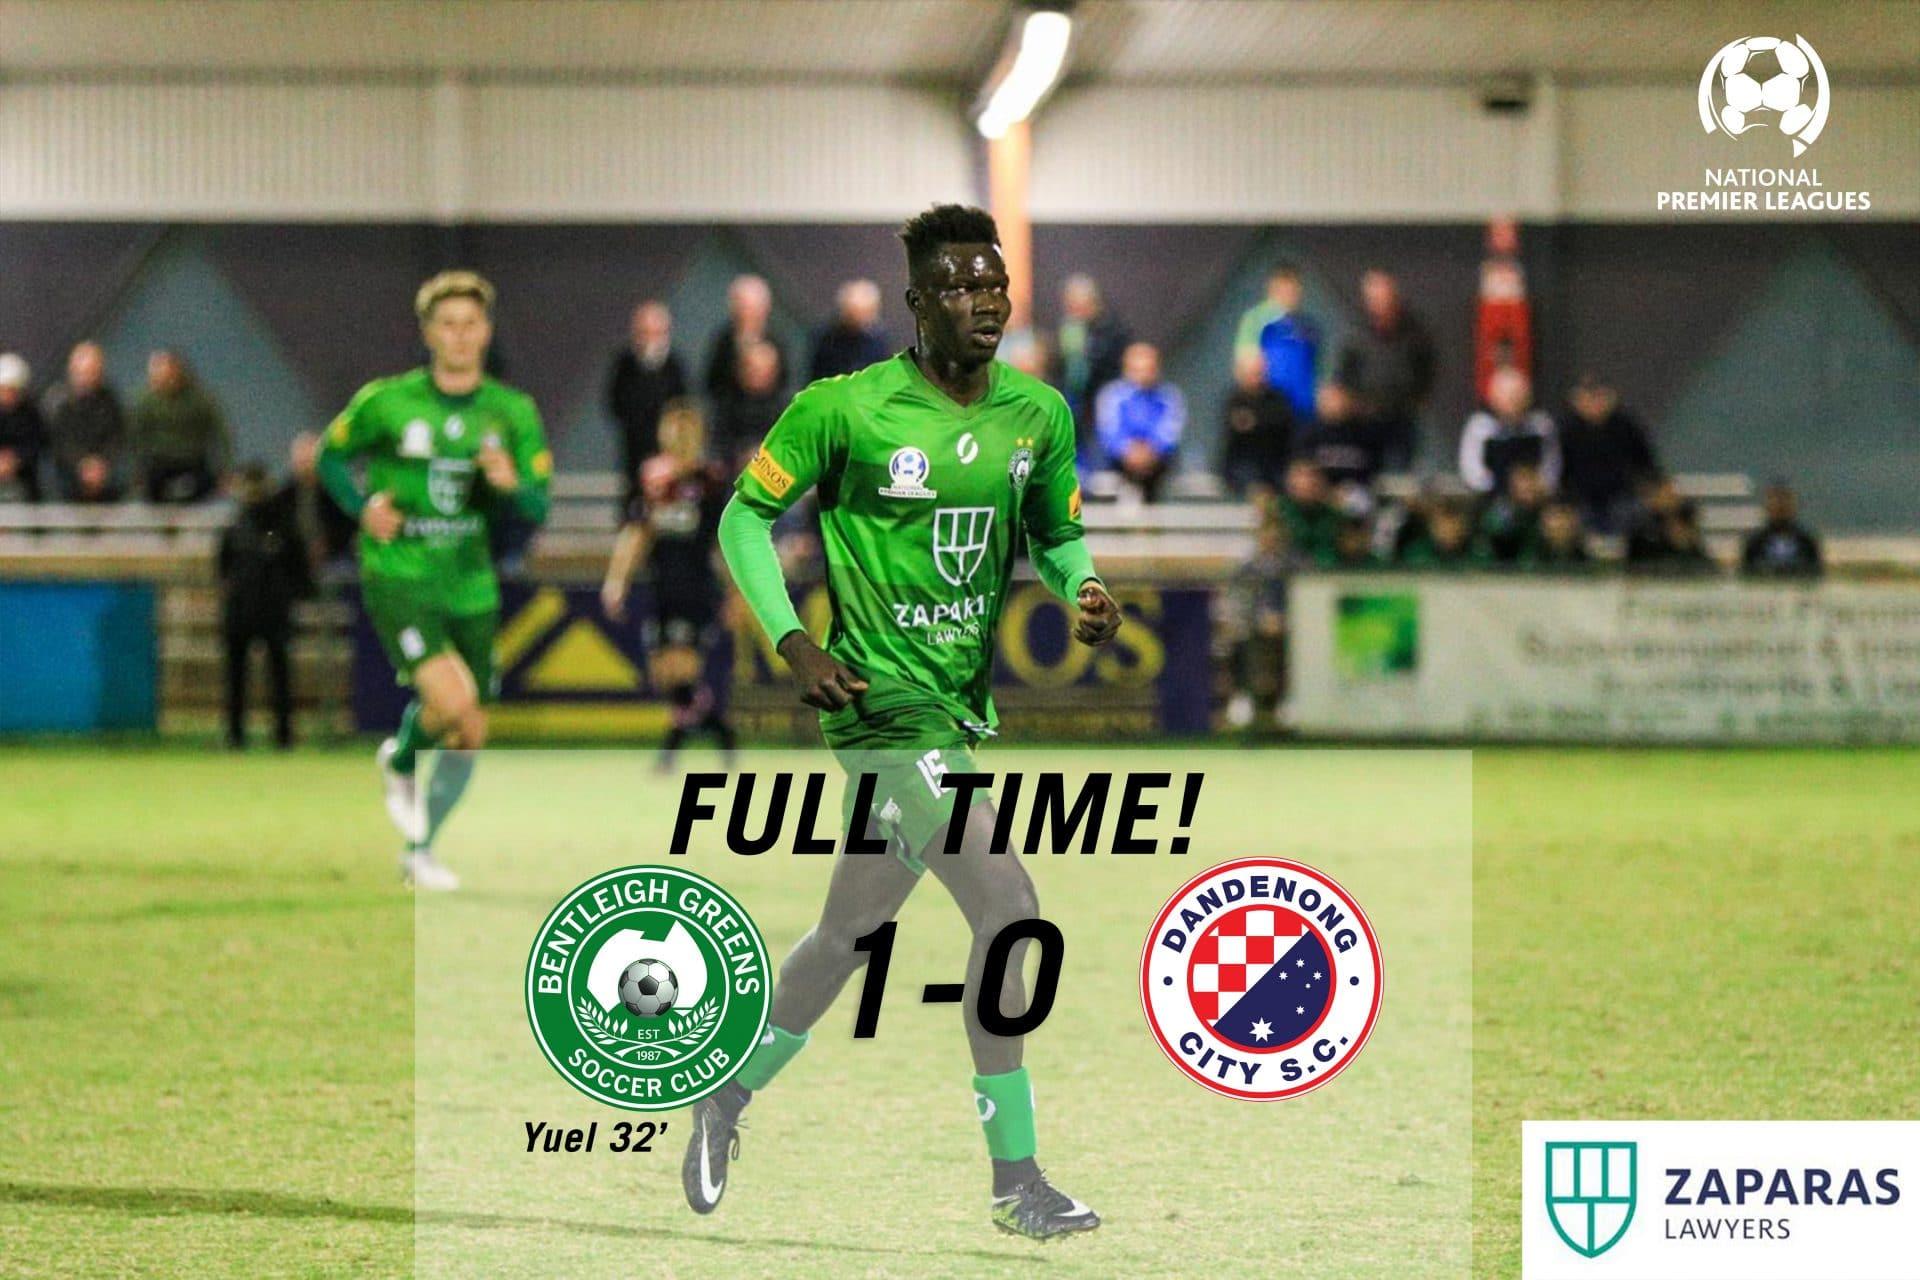 Match Report – Bentleigh Greens vs Dandenong City